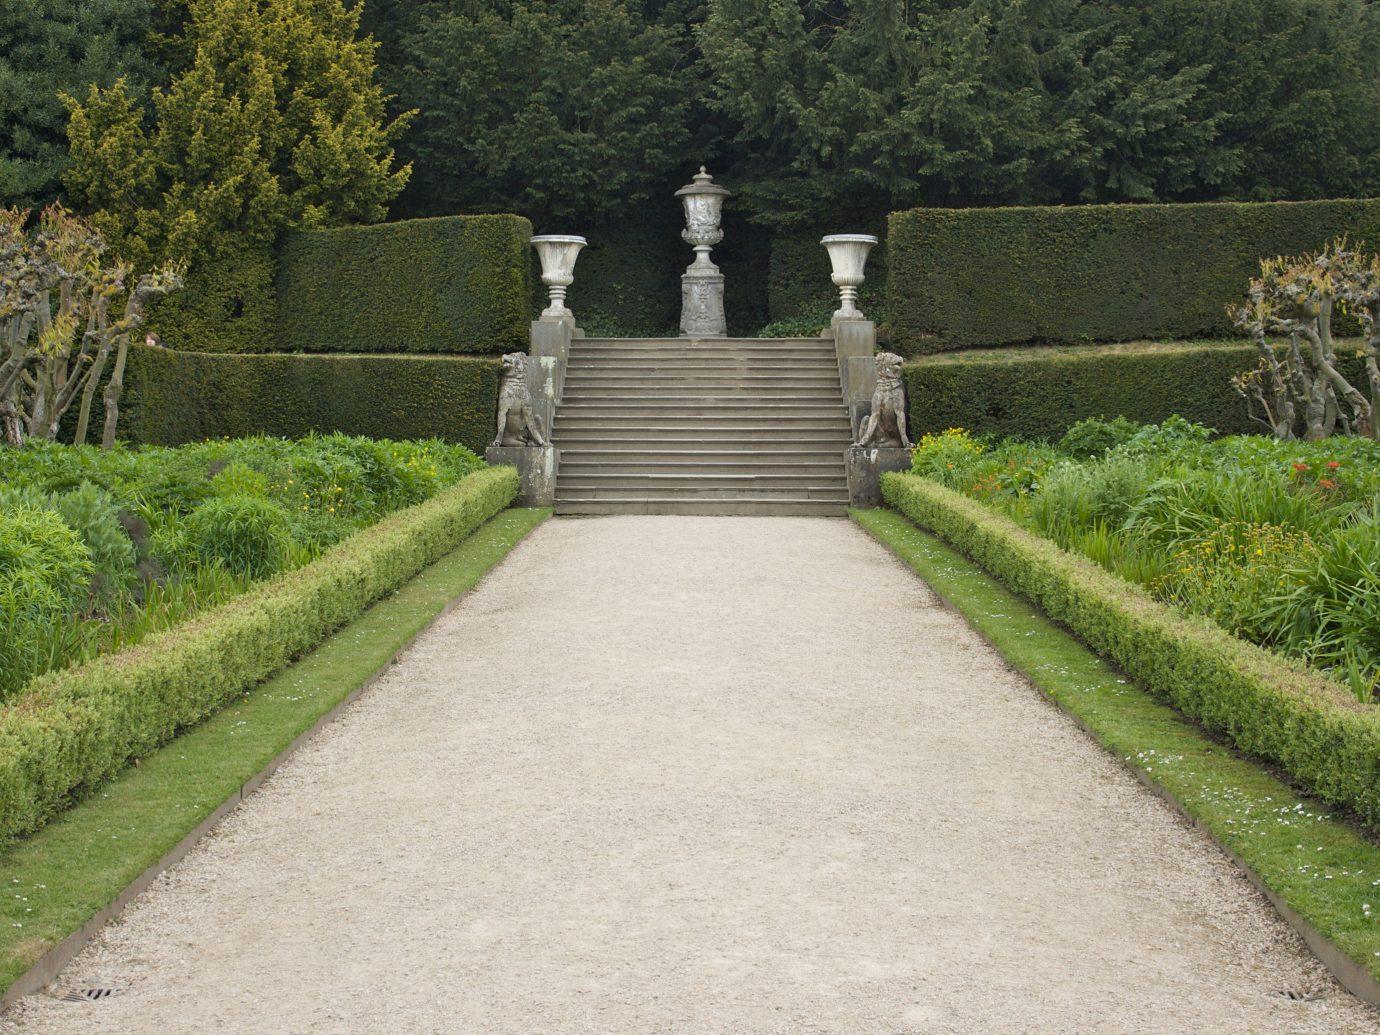 Trip Ideas grass tree outdoor green walkway wall Garden estate rural area landscape château lawn waterway reservoir stone